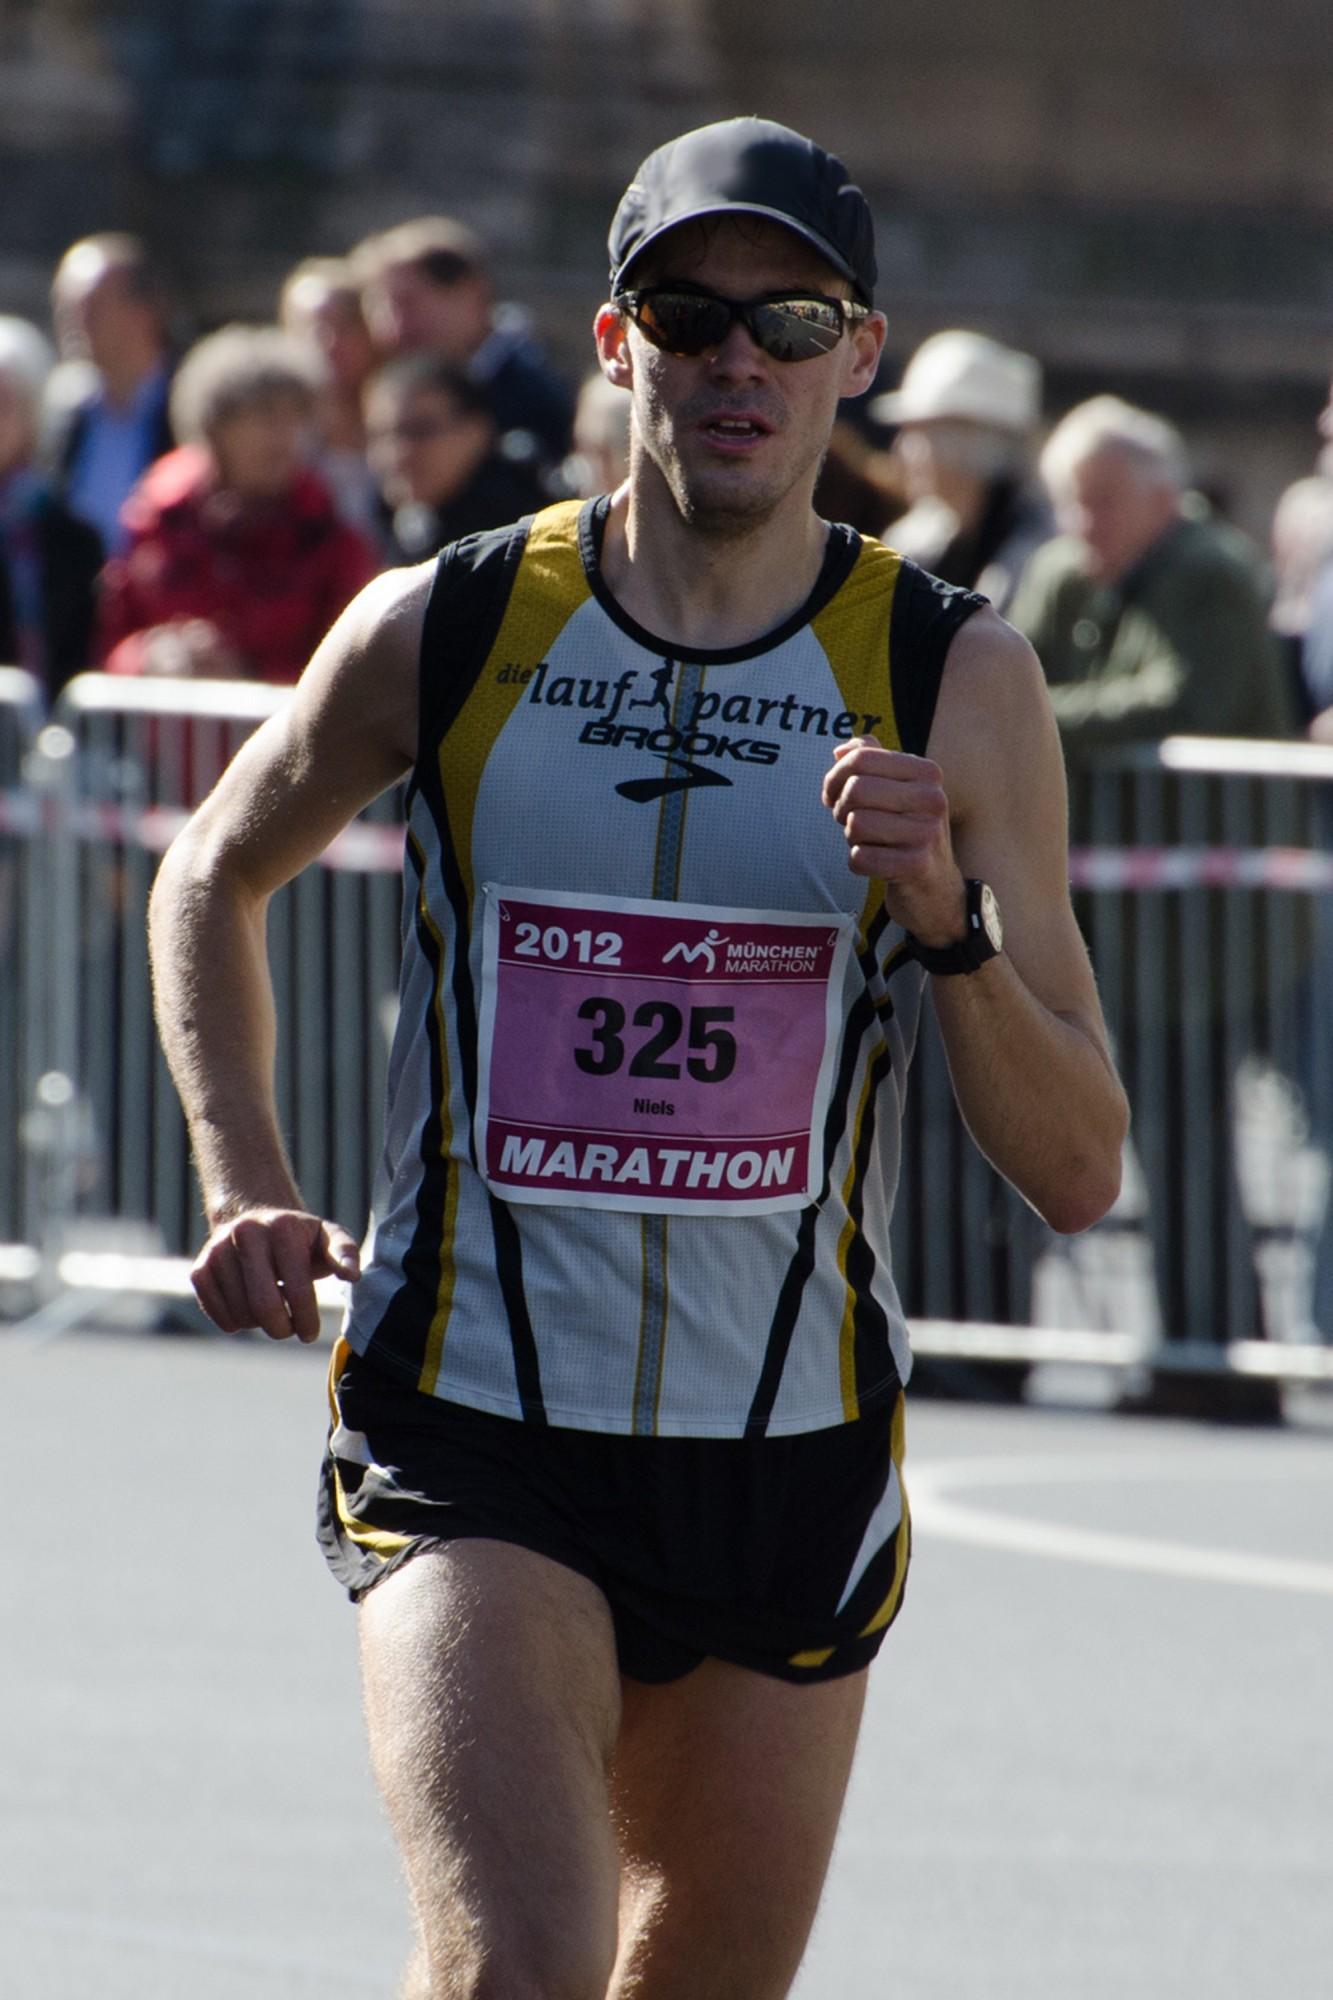 Niels Bubel verbessert sich auf 2:26:42 Stunden im Marathon bei der Deutschen Meisterschaft in München - Foto: Lukas Ziegler